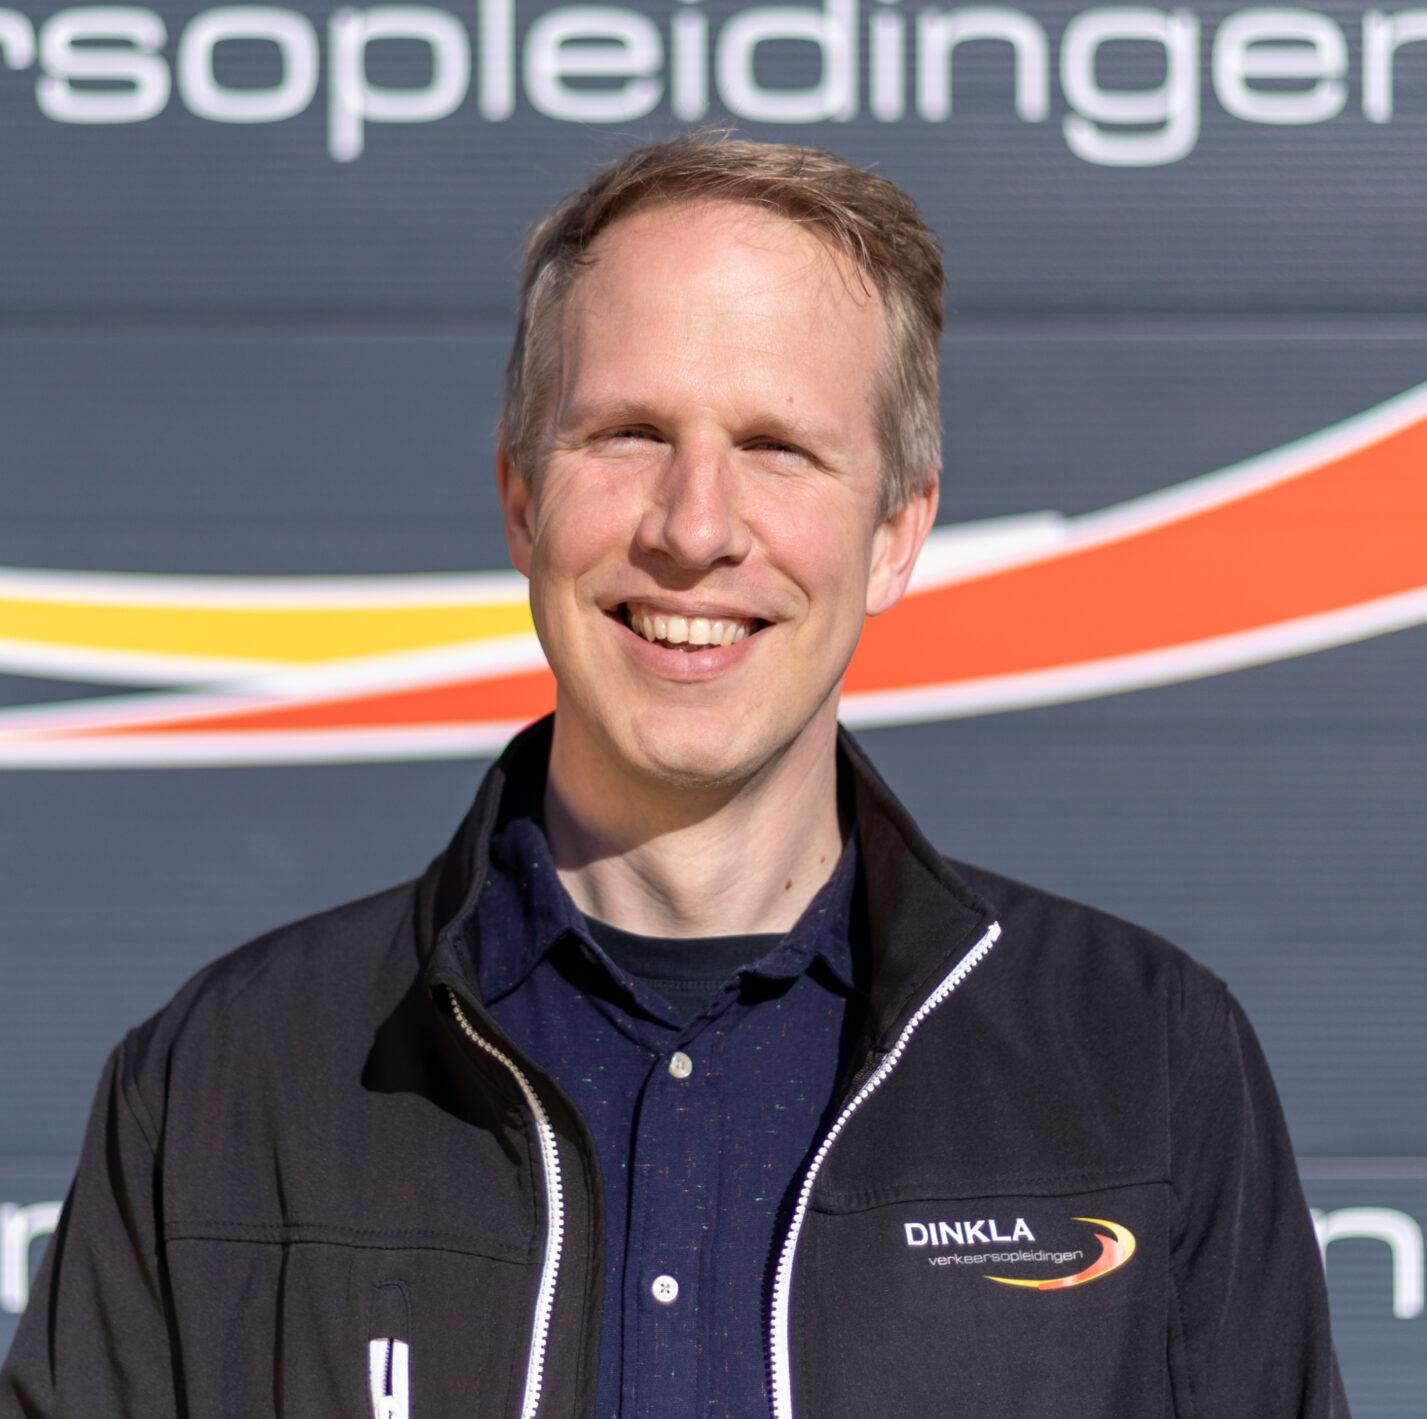 Stefan Kuperus